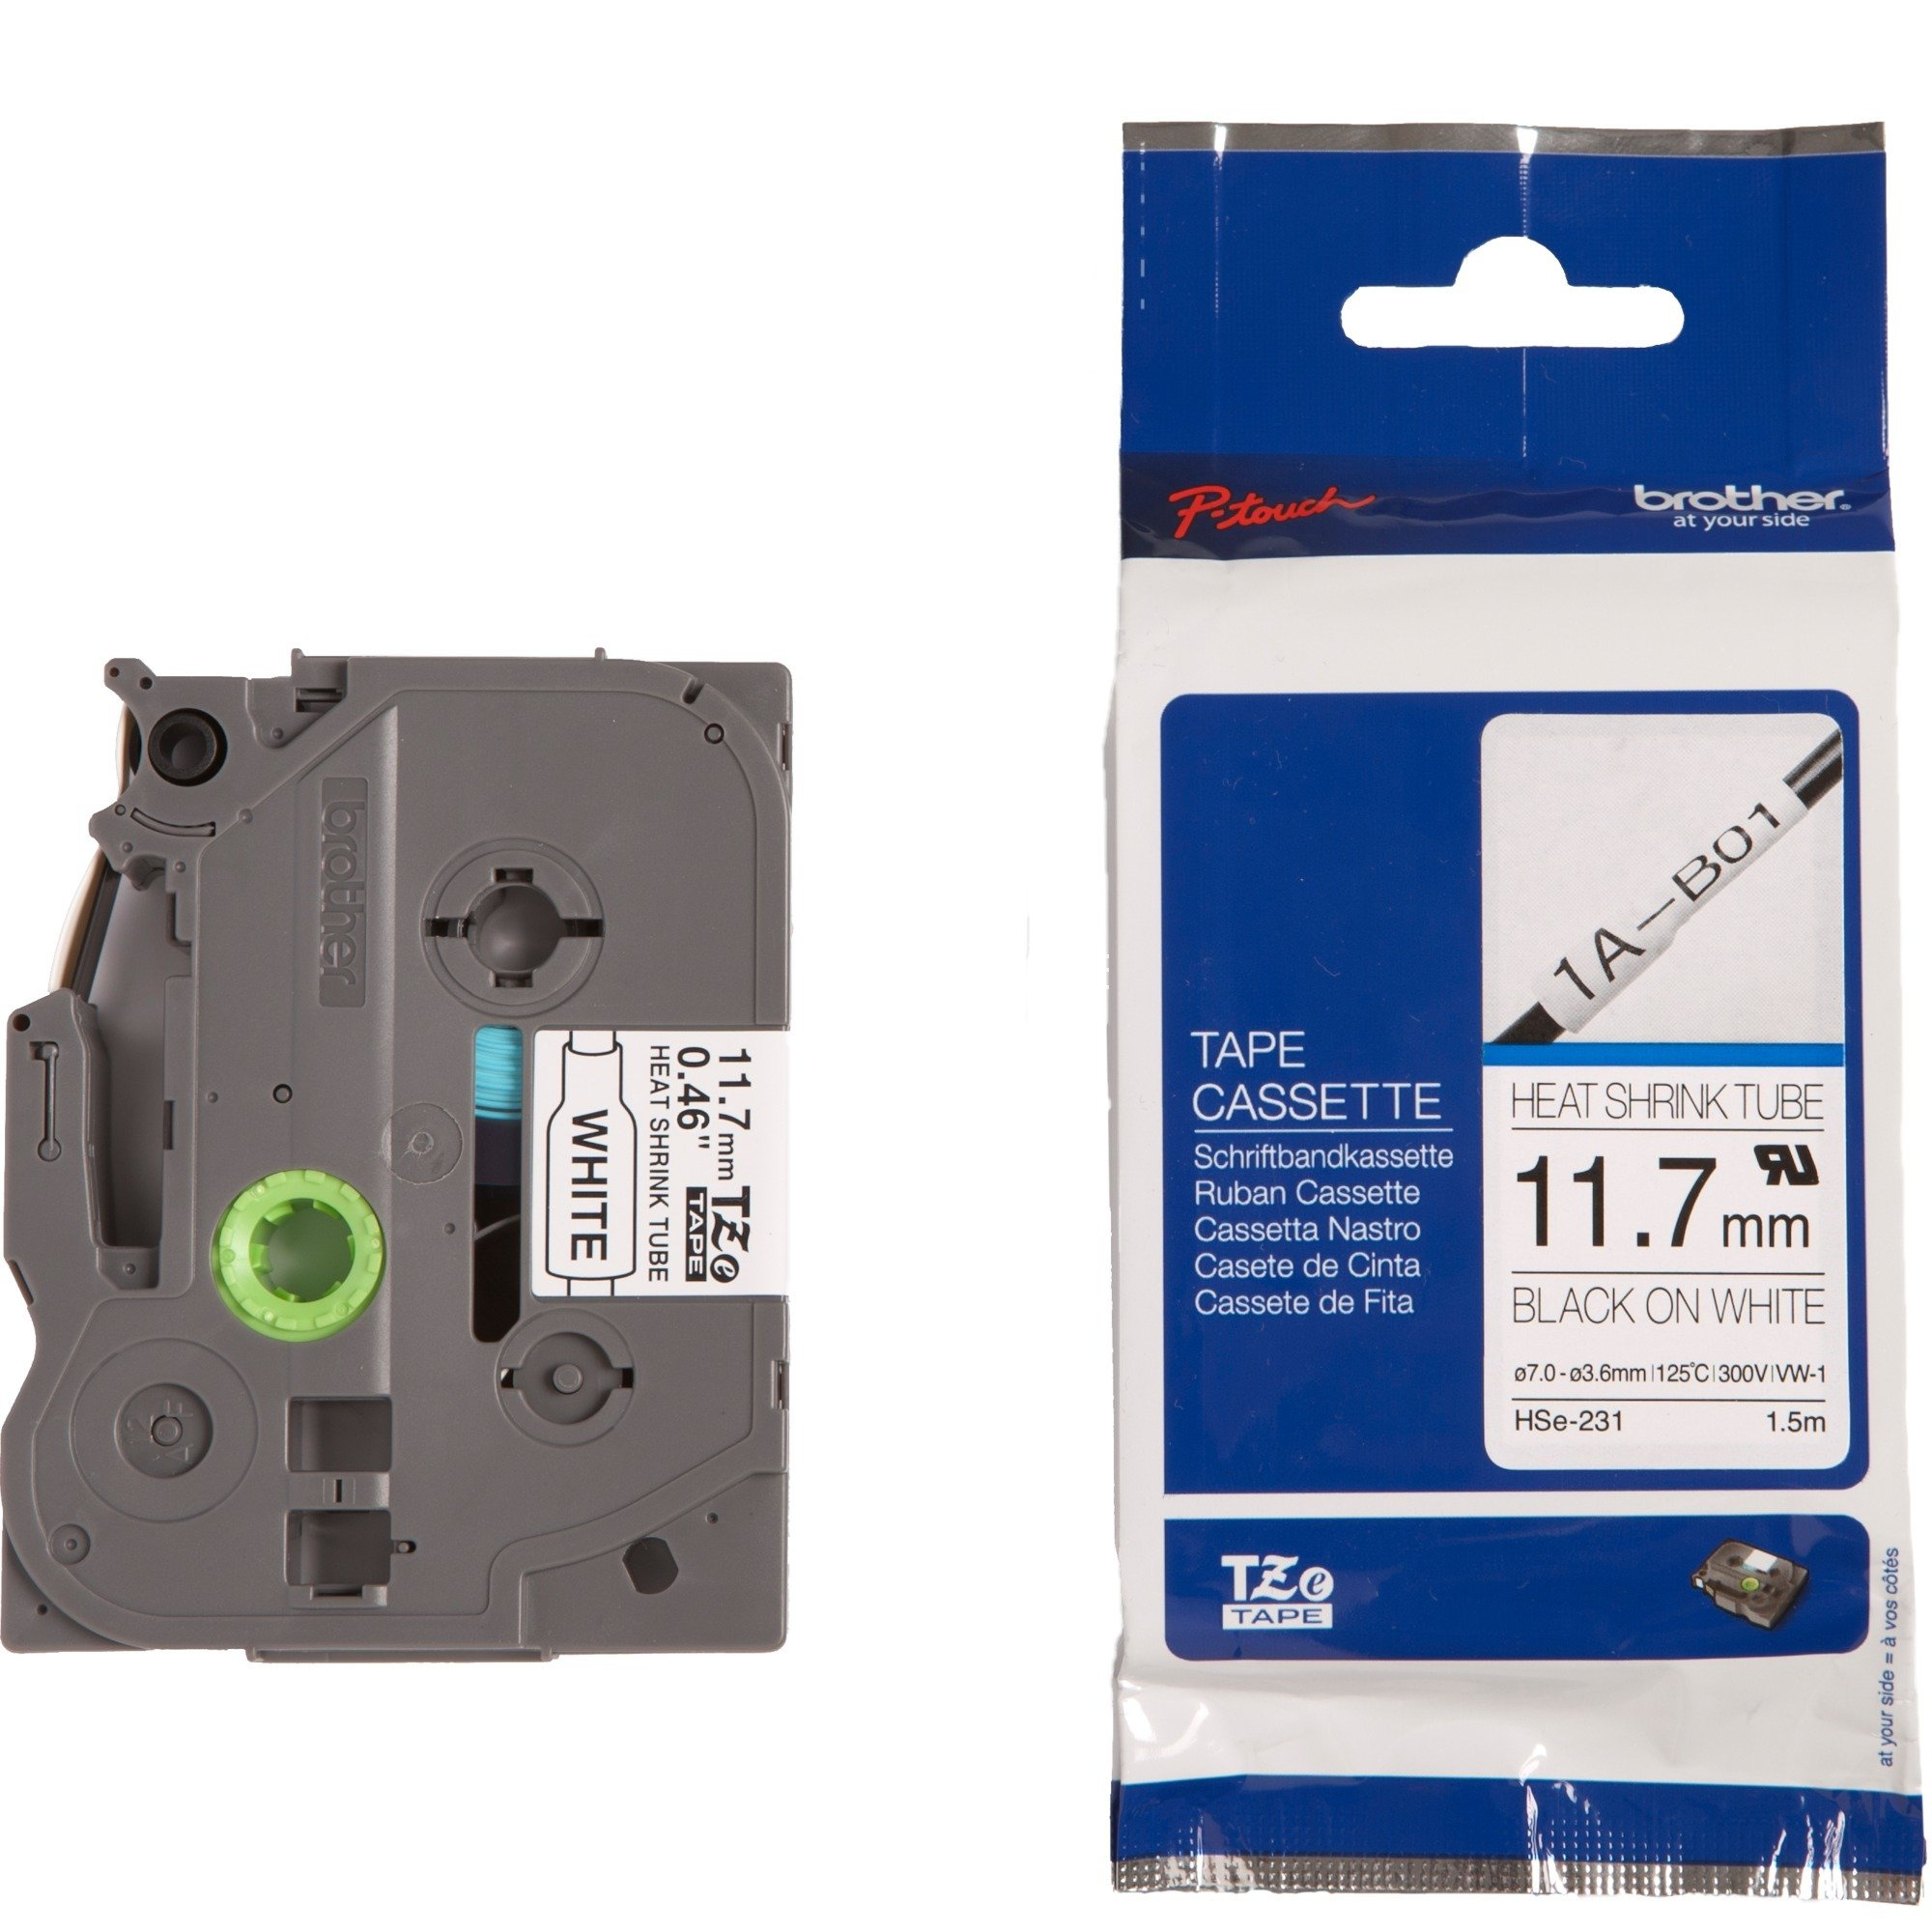 HSE-231 cinta para impresora de etiquetas TZe, Tubo termoretráctil para etiquetas